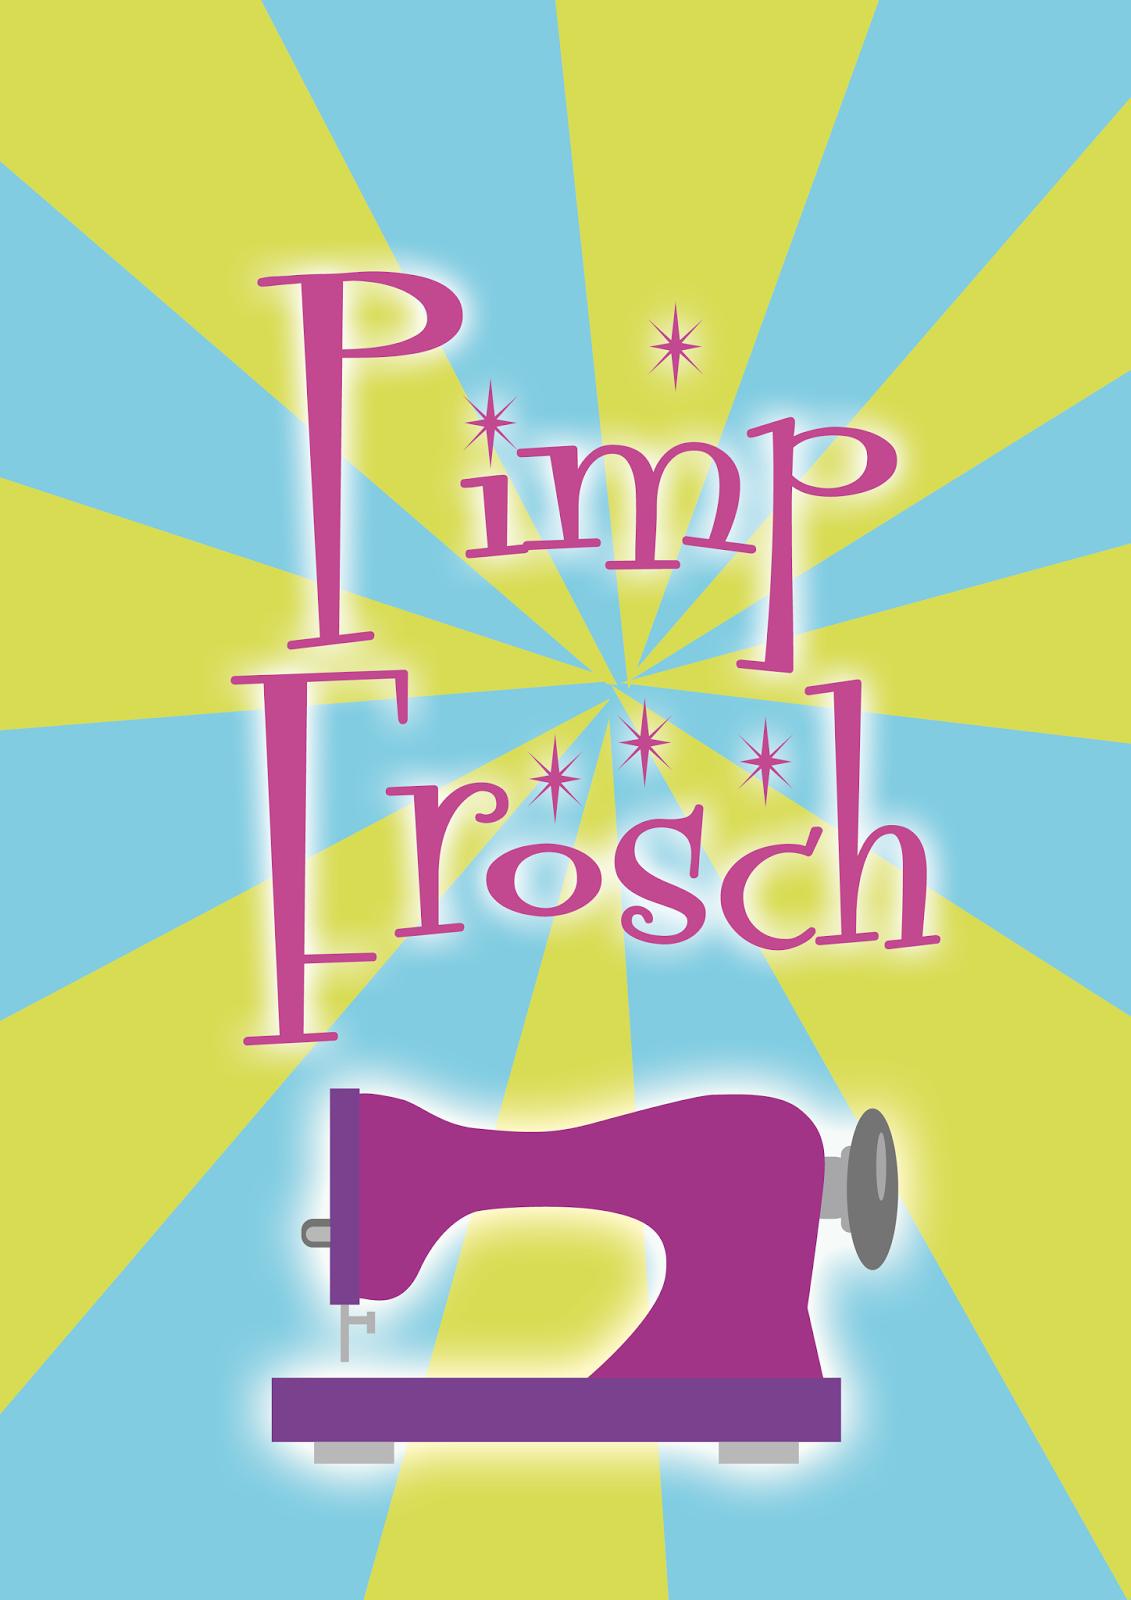 Aktion Pimpfrosch: Der blaue Pulli